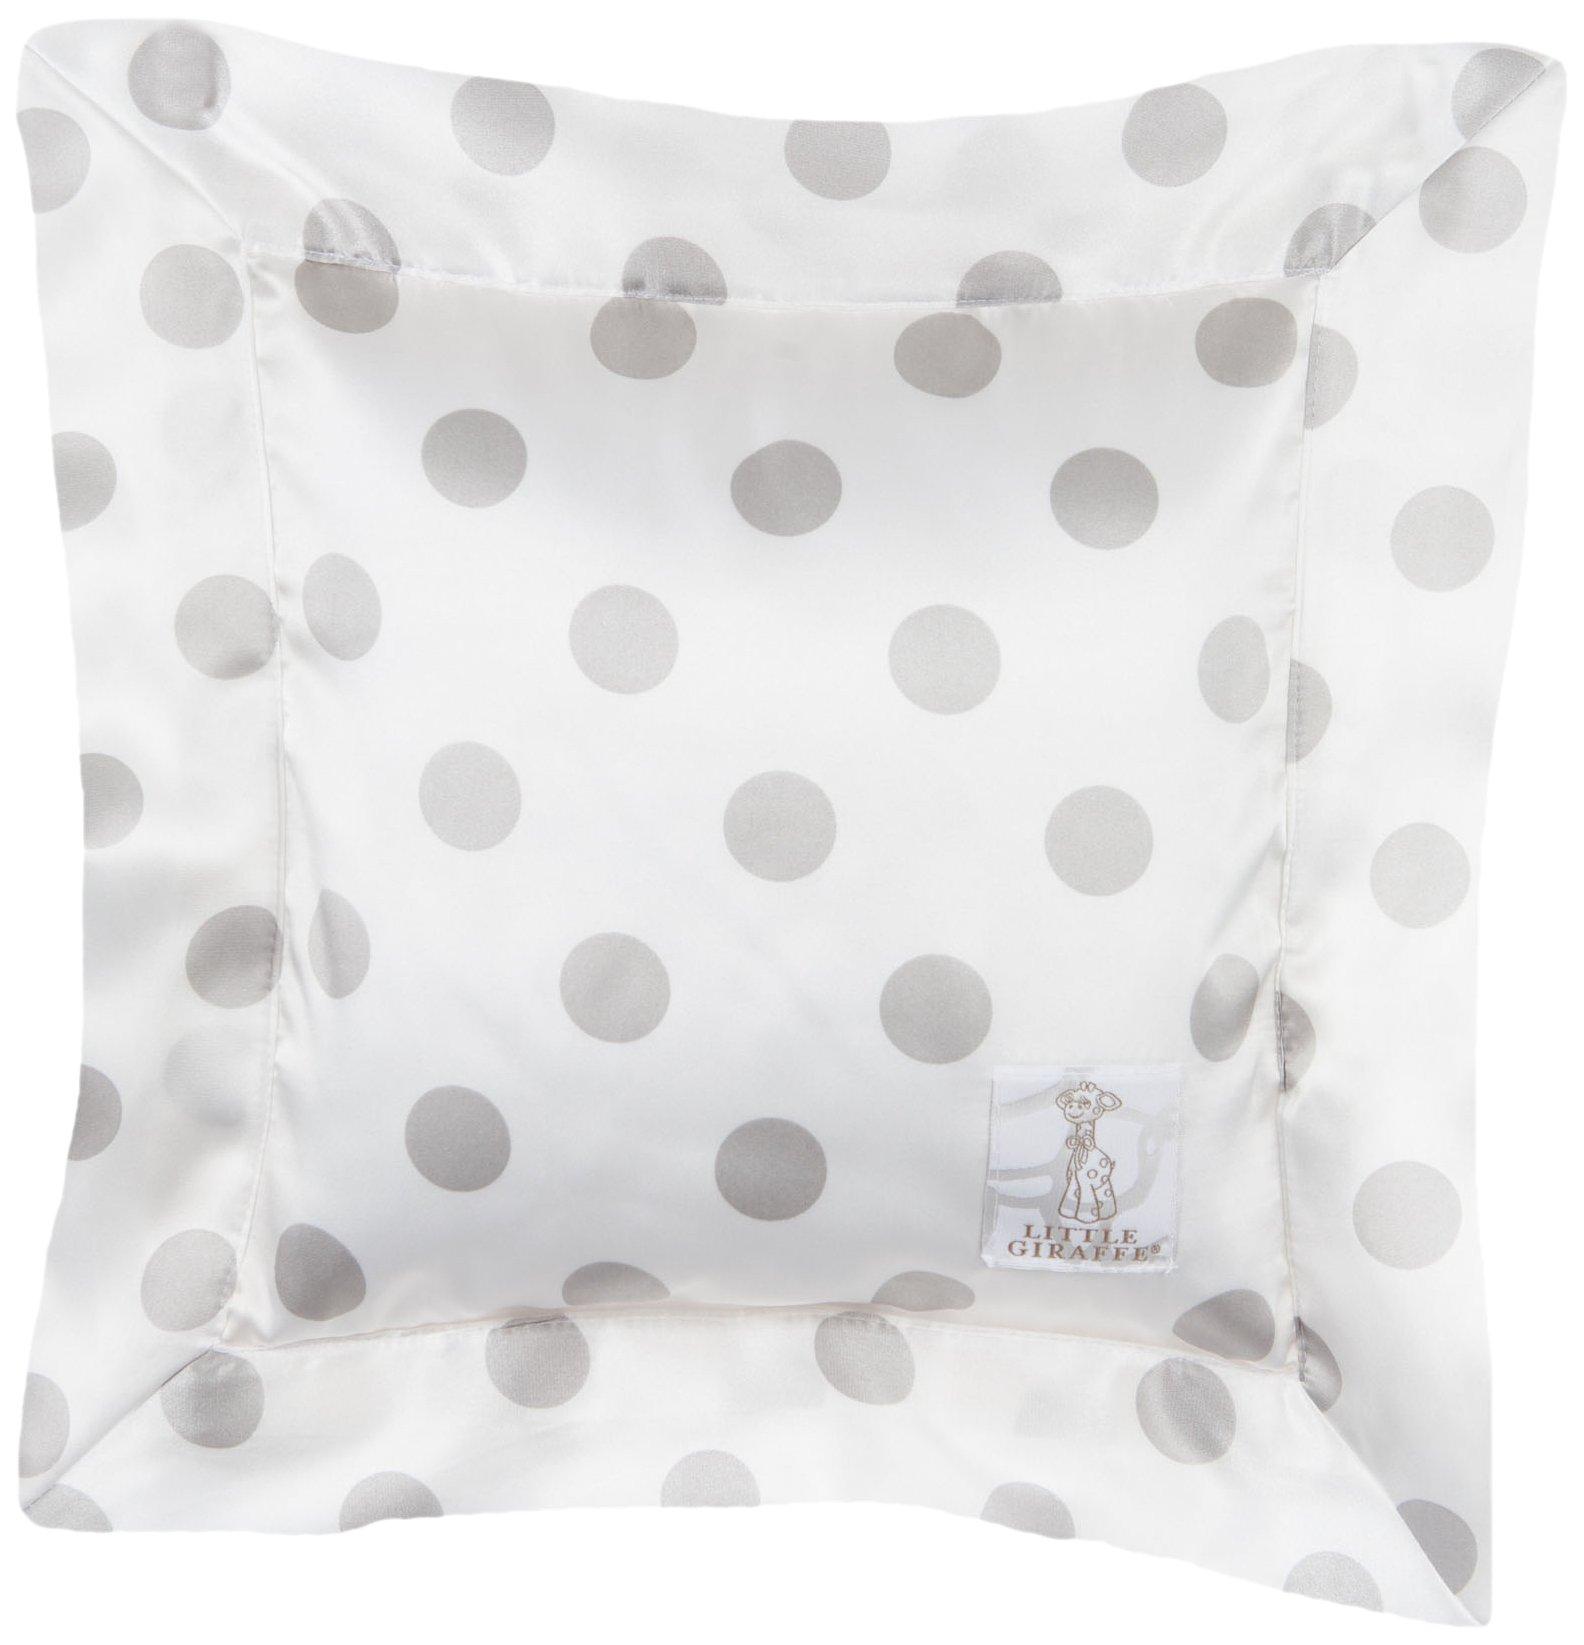 Little Giraffe Luxe Cream Dot Pillow, Silver